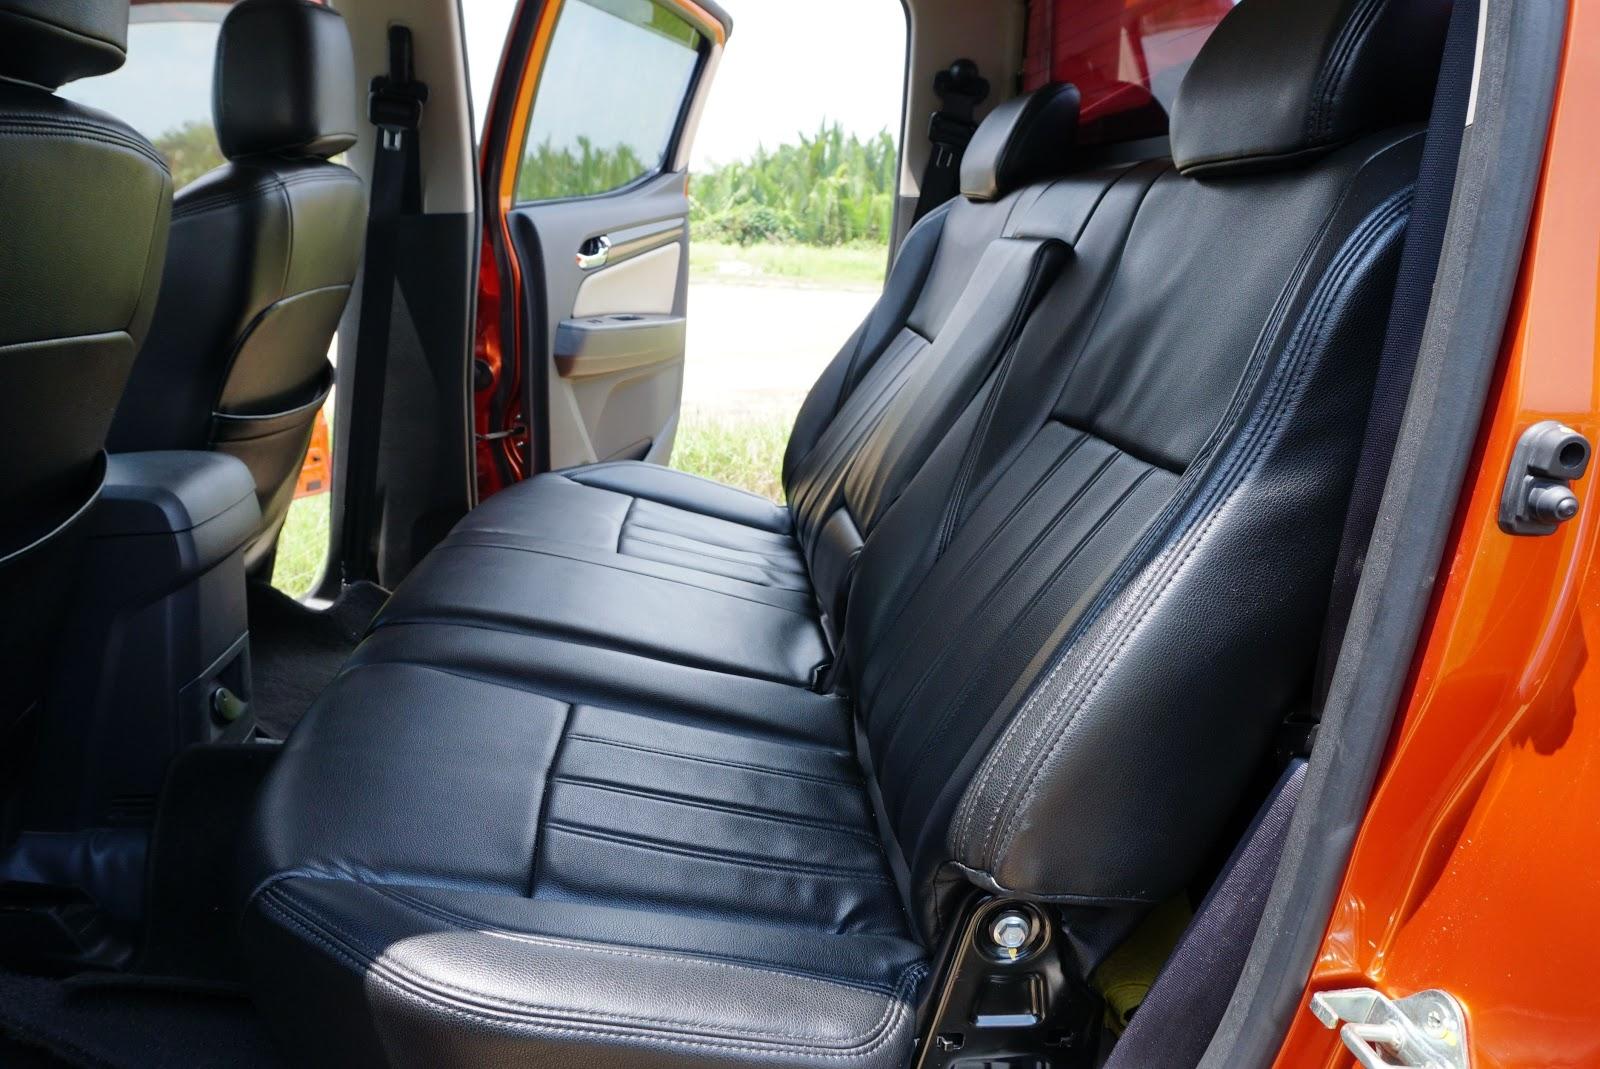 Hàng ghế sau đủ chổ cho 3 người, quá nhiều không gian cho gia đình